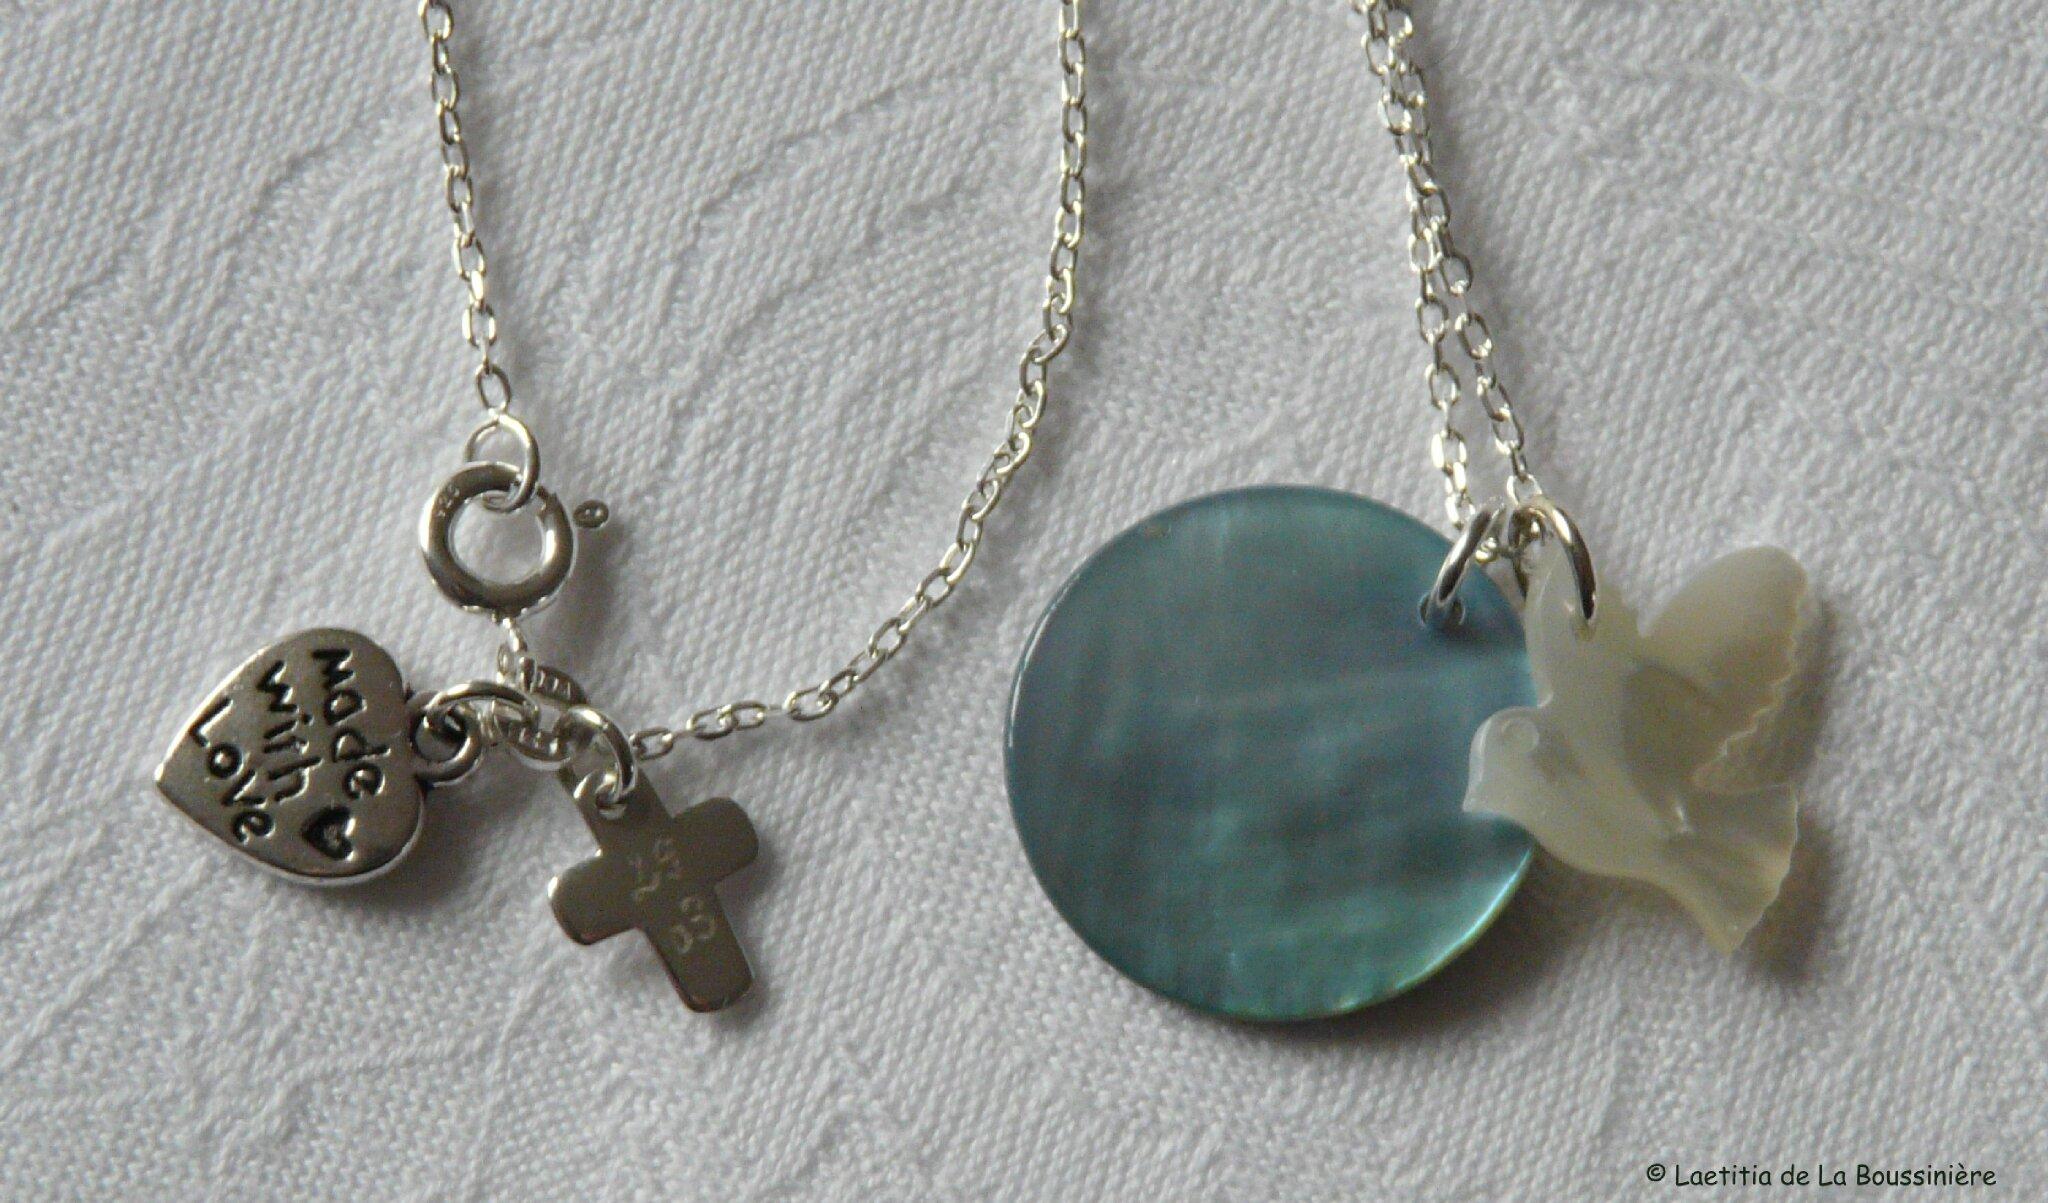 Collier médaille en nacre et Colombe en nacre, détail du fermoir avec mini Croix en argent massif